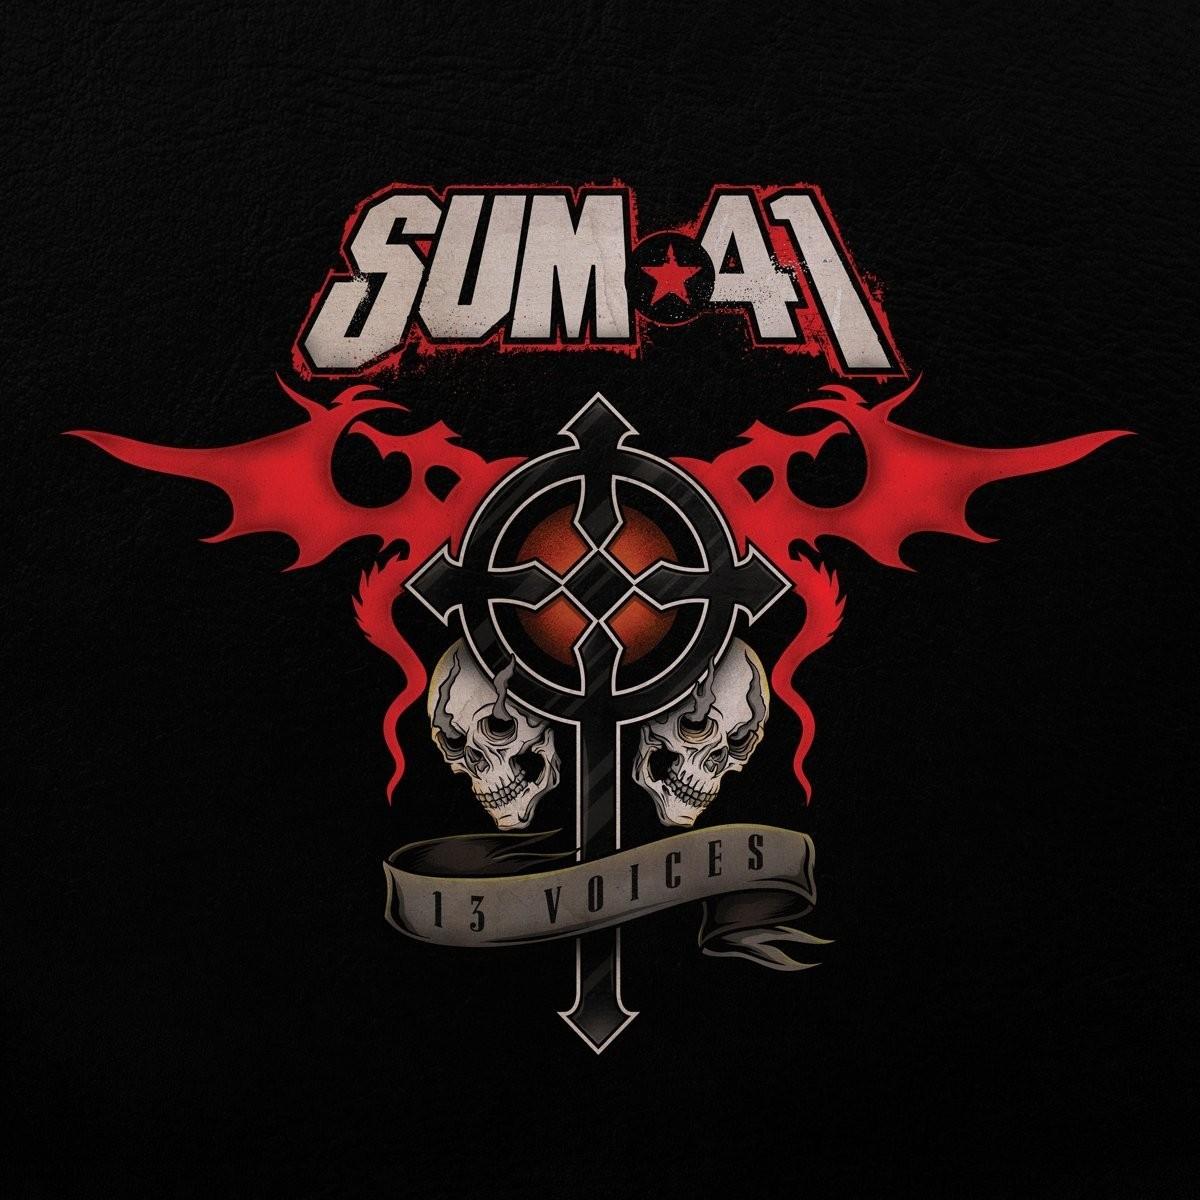 Sum 41 - 13 Voices LP